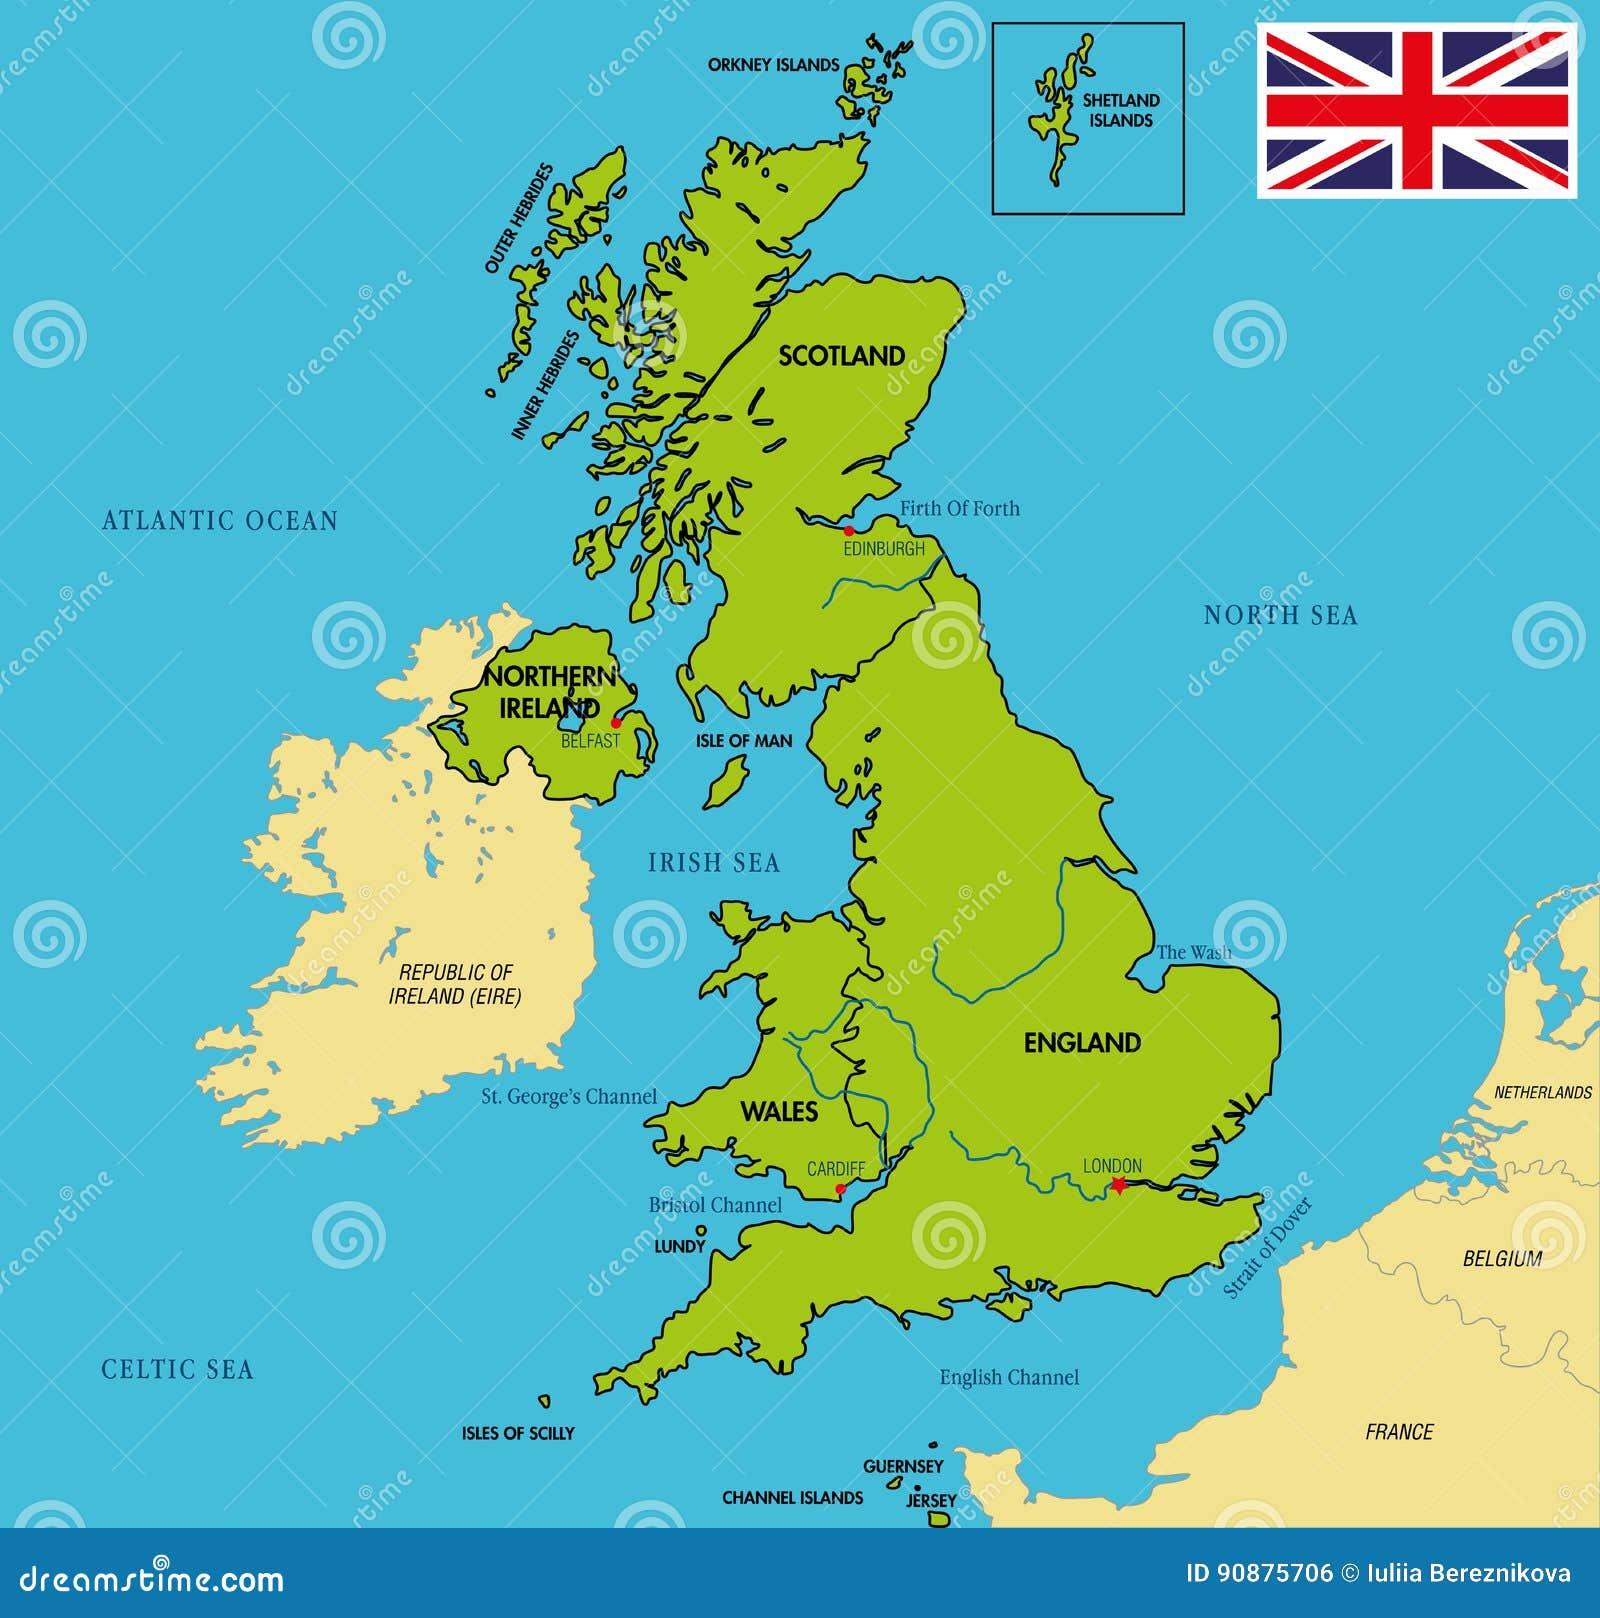 Cartina Politica Regno Unito E Irlanda.Mappa Politica Del Regno Unito Con Le Regioni E Le Loro Capitali Illustrazione Vettoriale Illustrazione Di Londra Inghilterra 90875706